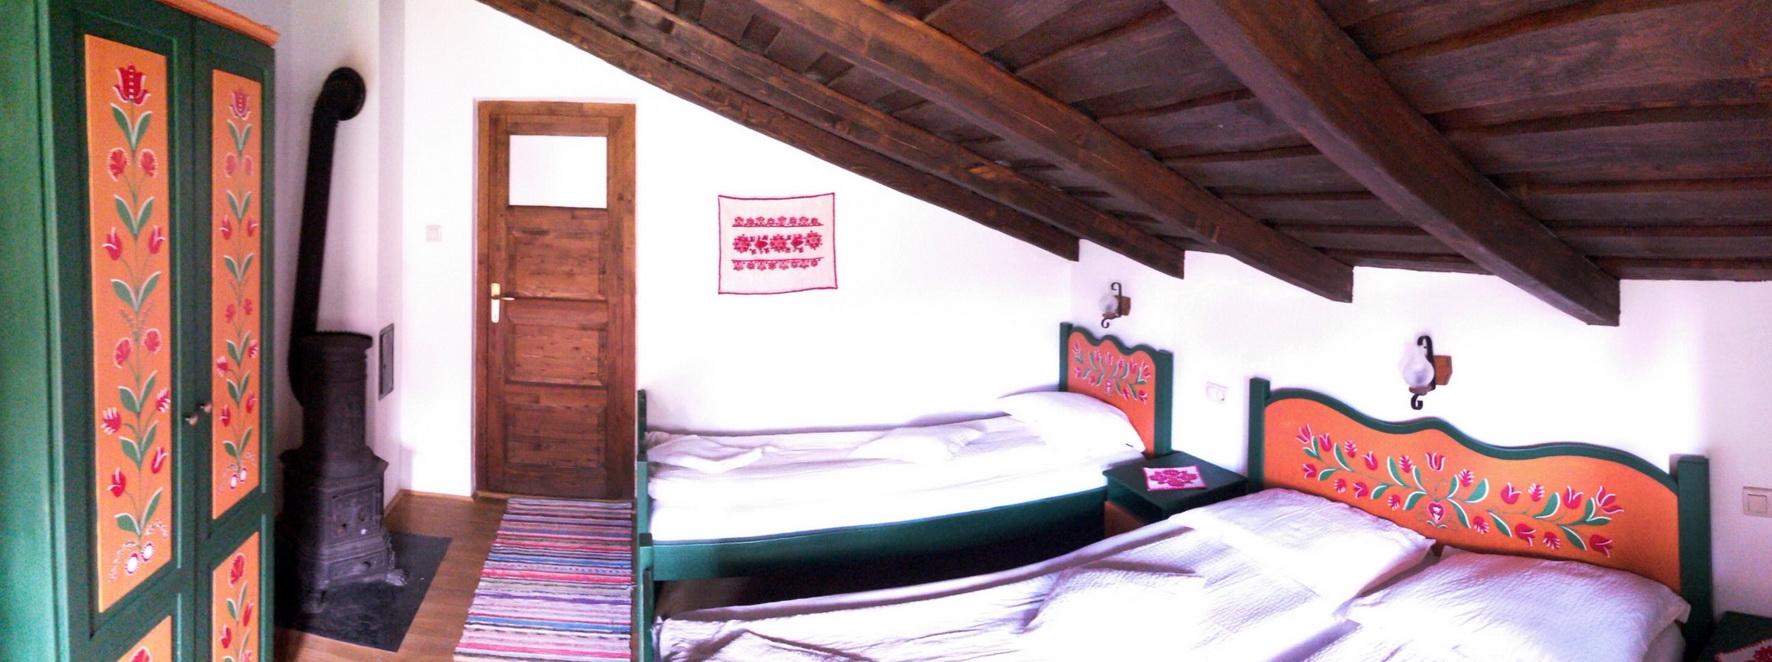 abel-szobaja-belulrol